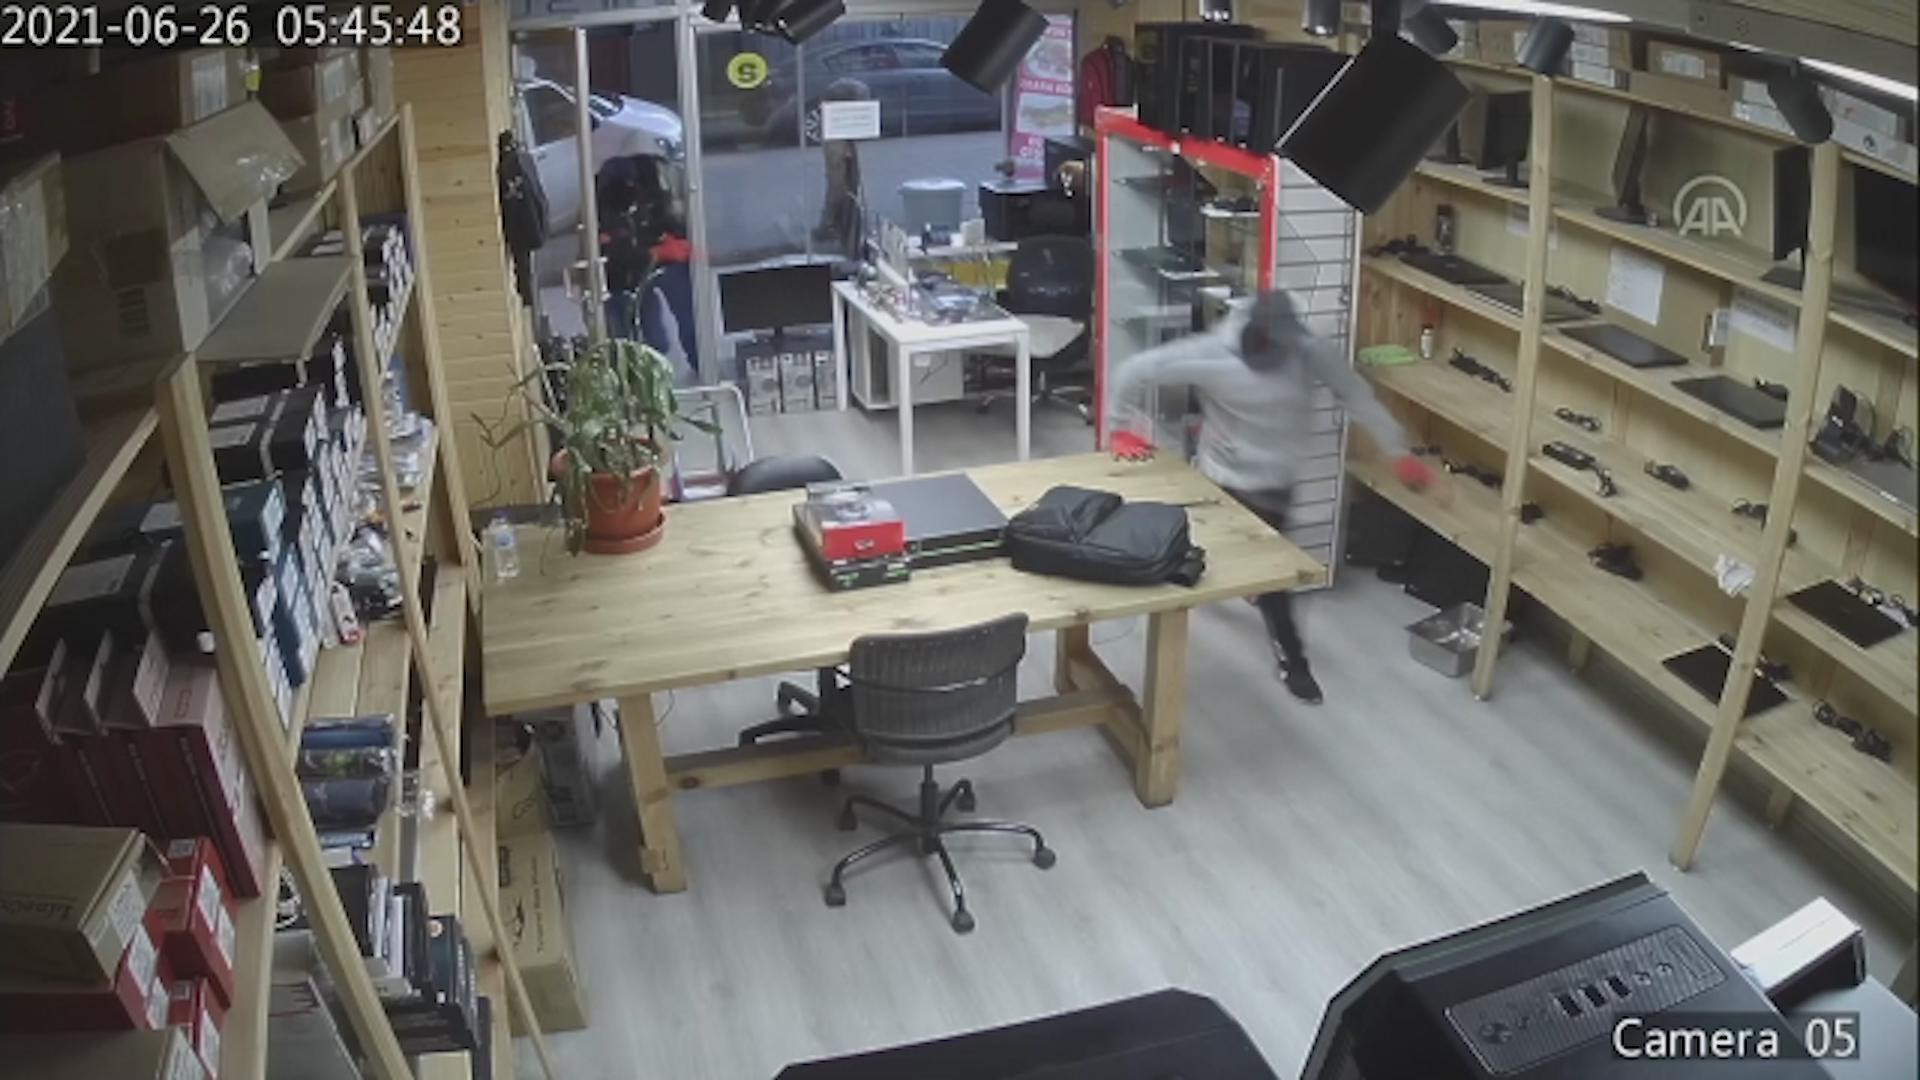 Avcılar'da elektronik eşya dükkanında yapılan hırsızlık an